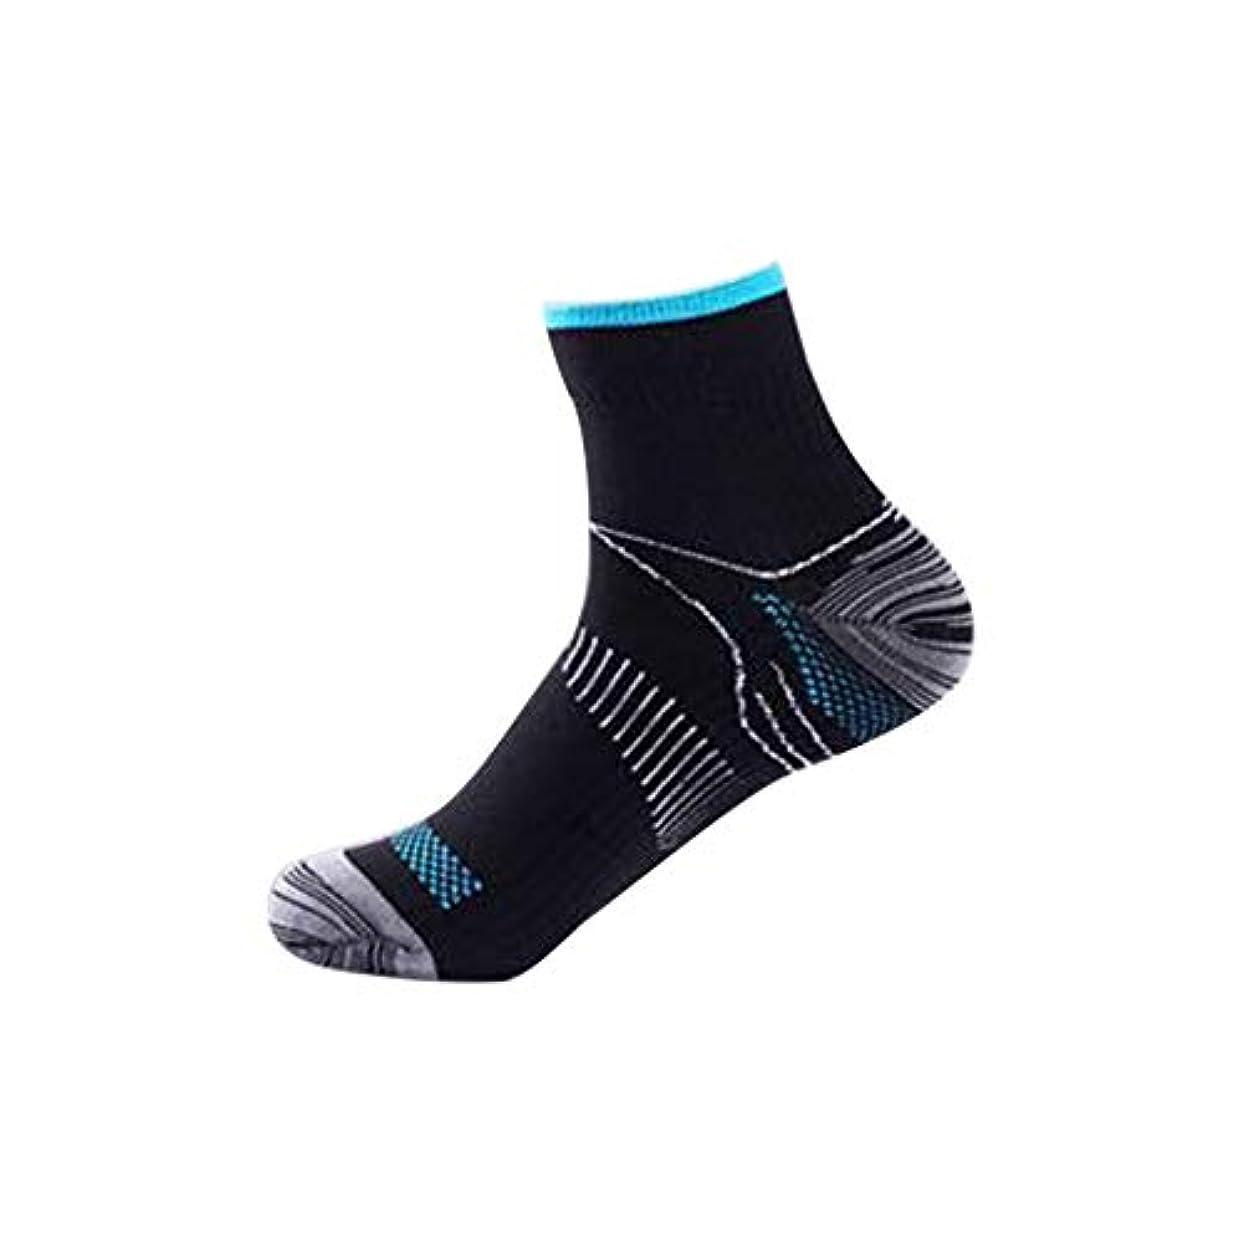 バケツ酔う寸法快適な男性の女性の膝の靴下のサポートストレッチ通気性の靴下の下の短いストレッチ圧縮の靴下(Color:black&blue)(Size:S/M)